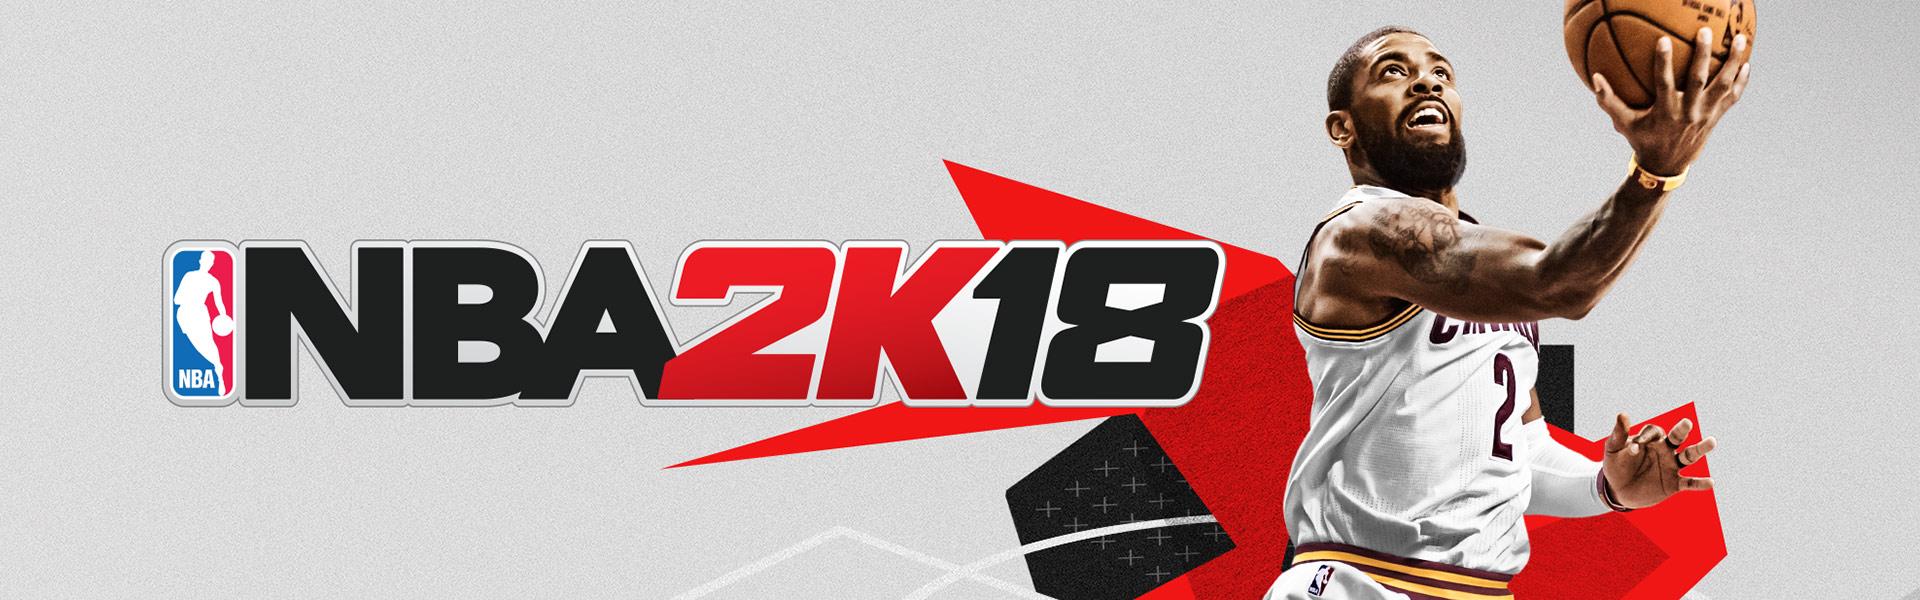 NBA 2K18-logo